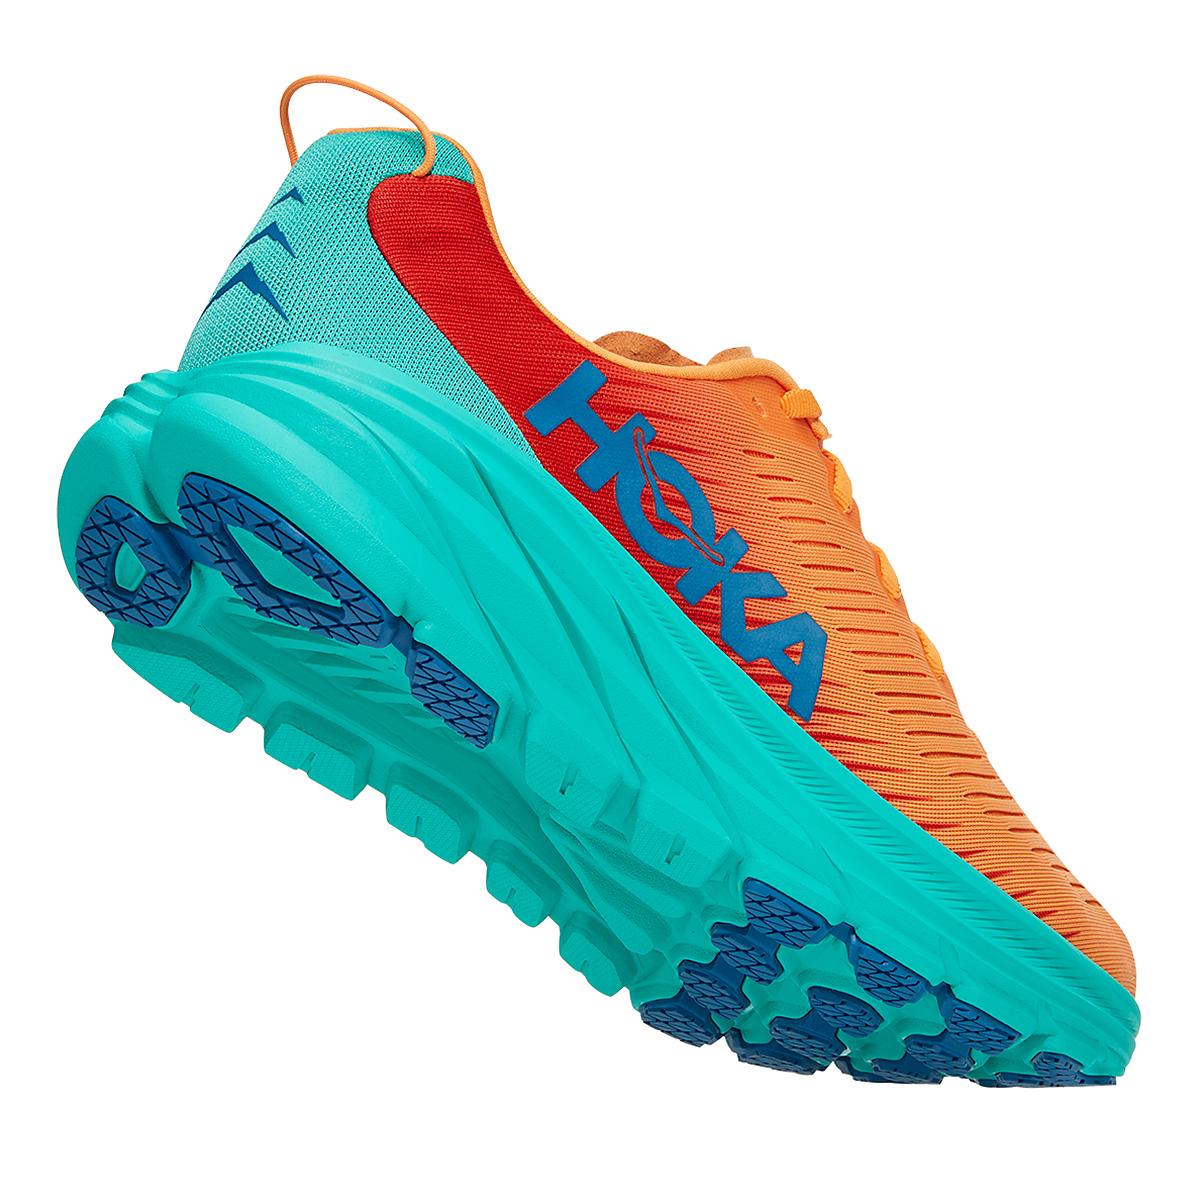 Men's Hoka One One Rincon 3 Running Shoe - Color: Blazing Orange - Size: 7 - Width: Regular, Blazing Orange, large, image 6